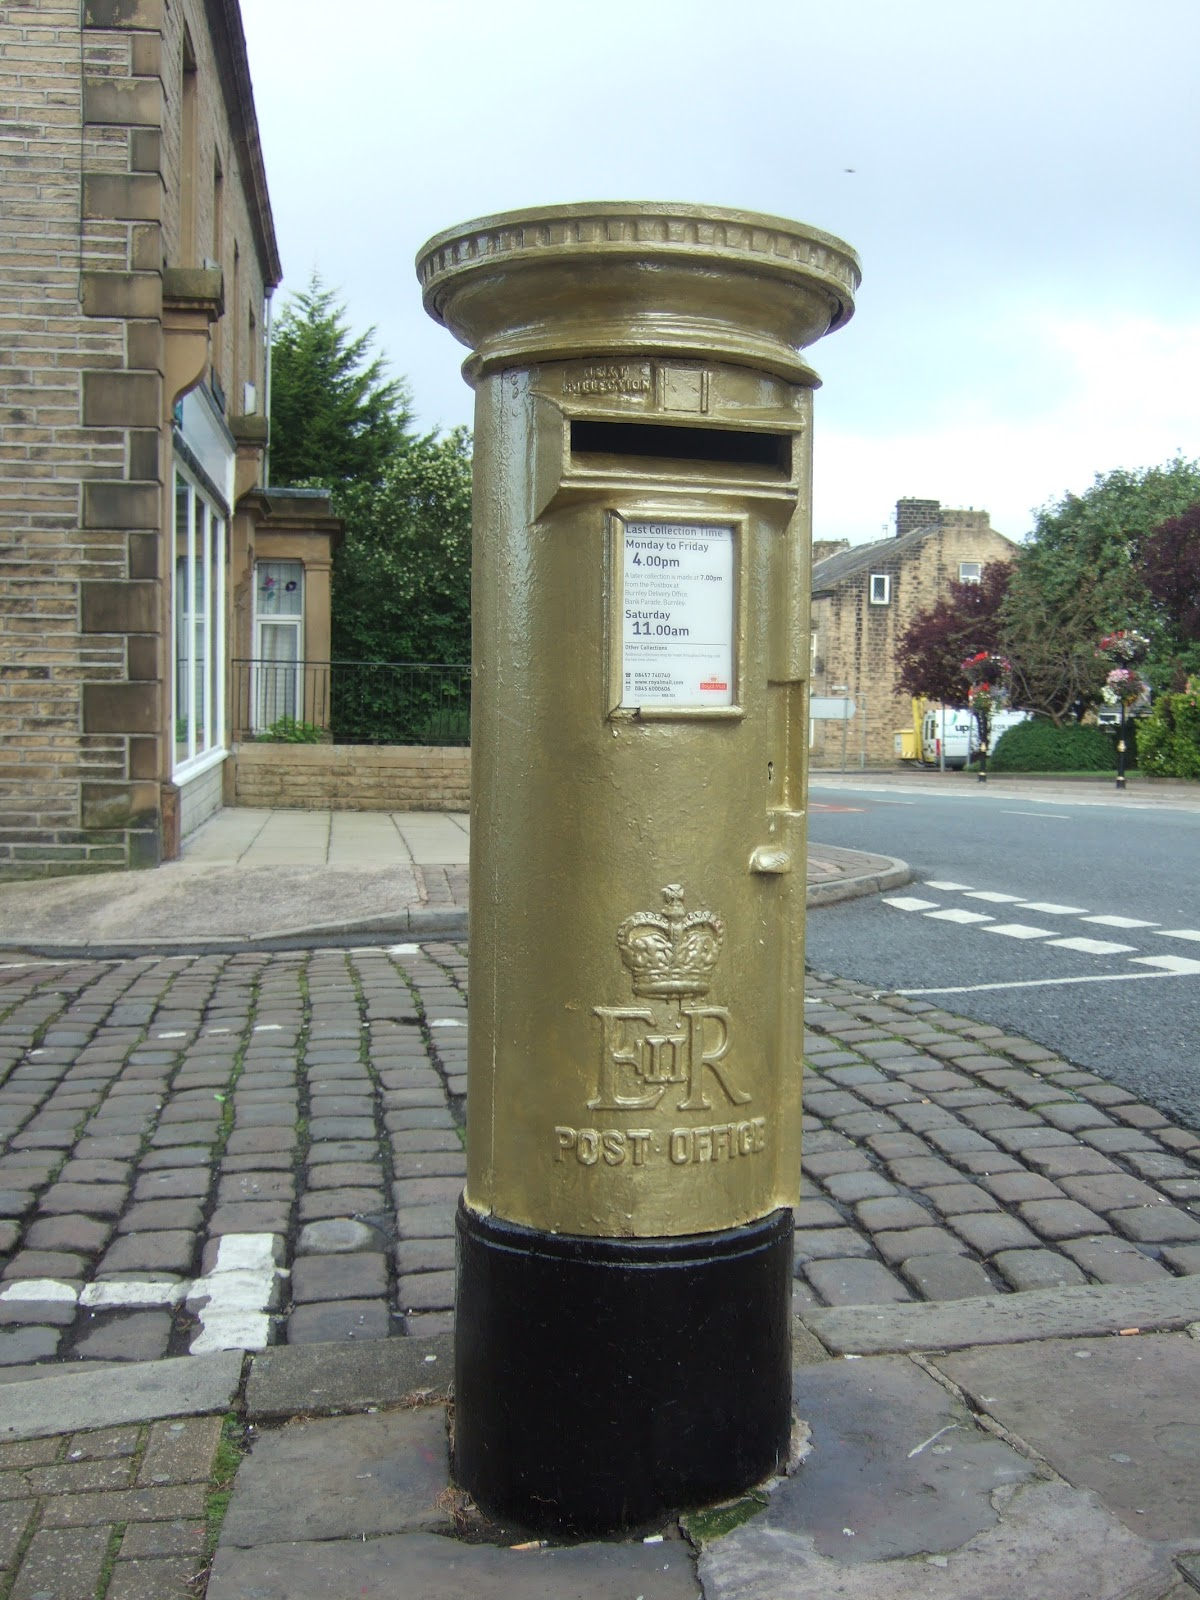 http://3.bp.blogspot.com/-6dUZLrSWK1M/UCJuGPl8wHI/AAAAAAAAMqY/fGGzwQbglJQ/s1600/DSCF4507+Gold+Medal+Post+box+Colne+Lancashire+05-08-2012+08-12am.JPG